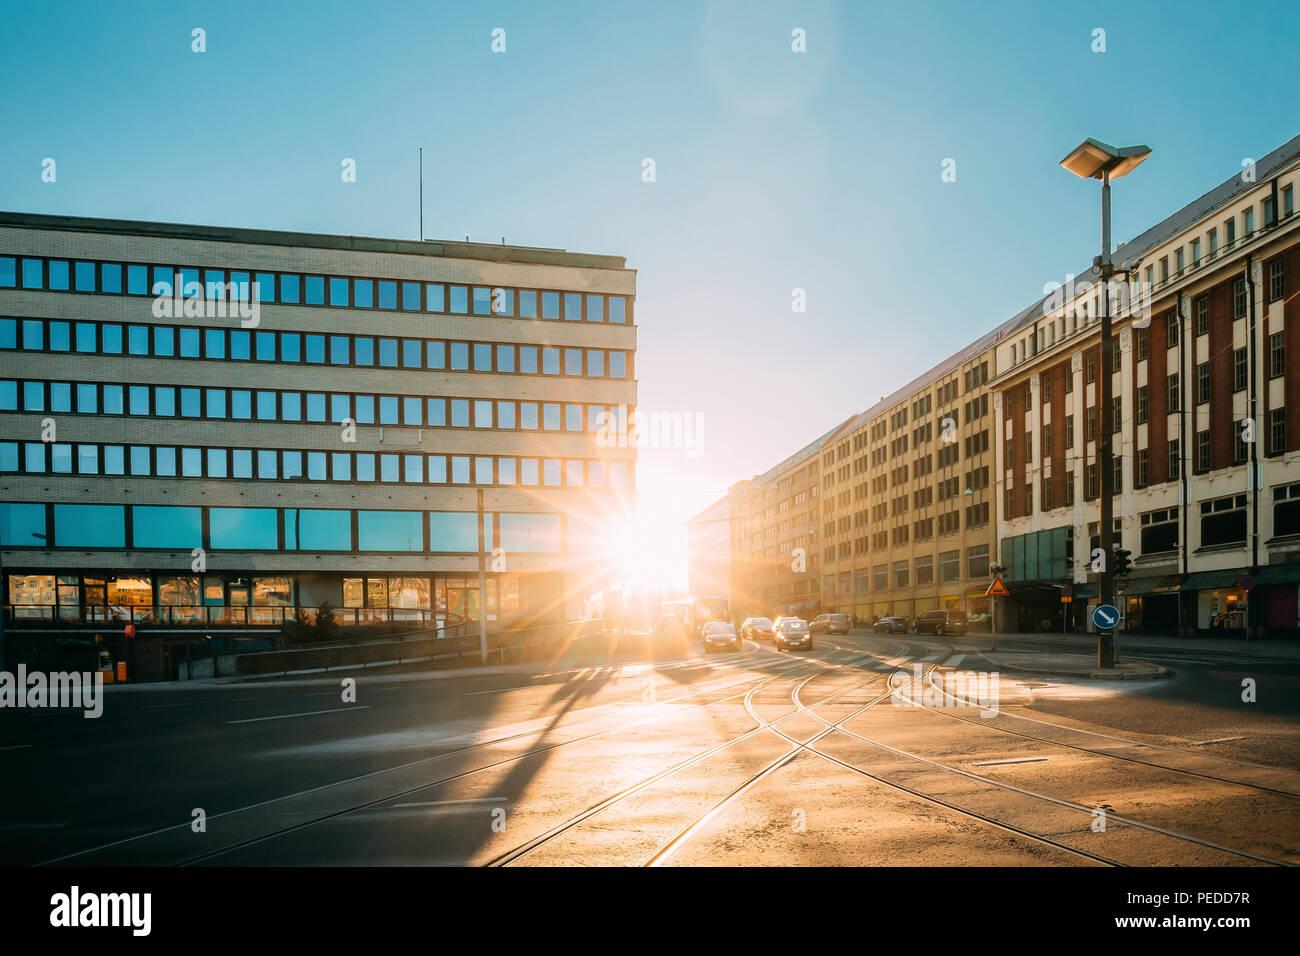 Helsinki, Finlande - le 11 décembre 2016: Vue sur Rue Siltasaarenkatu. Des voitures en mouvement à la lumière du soleil de coucher du soleil lever du soleil Photo Stock